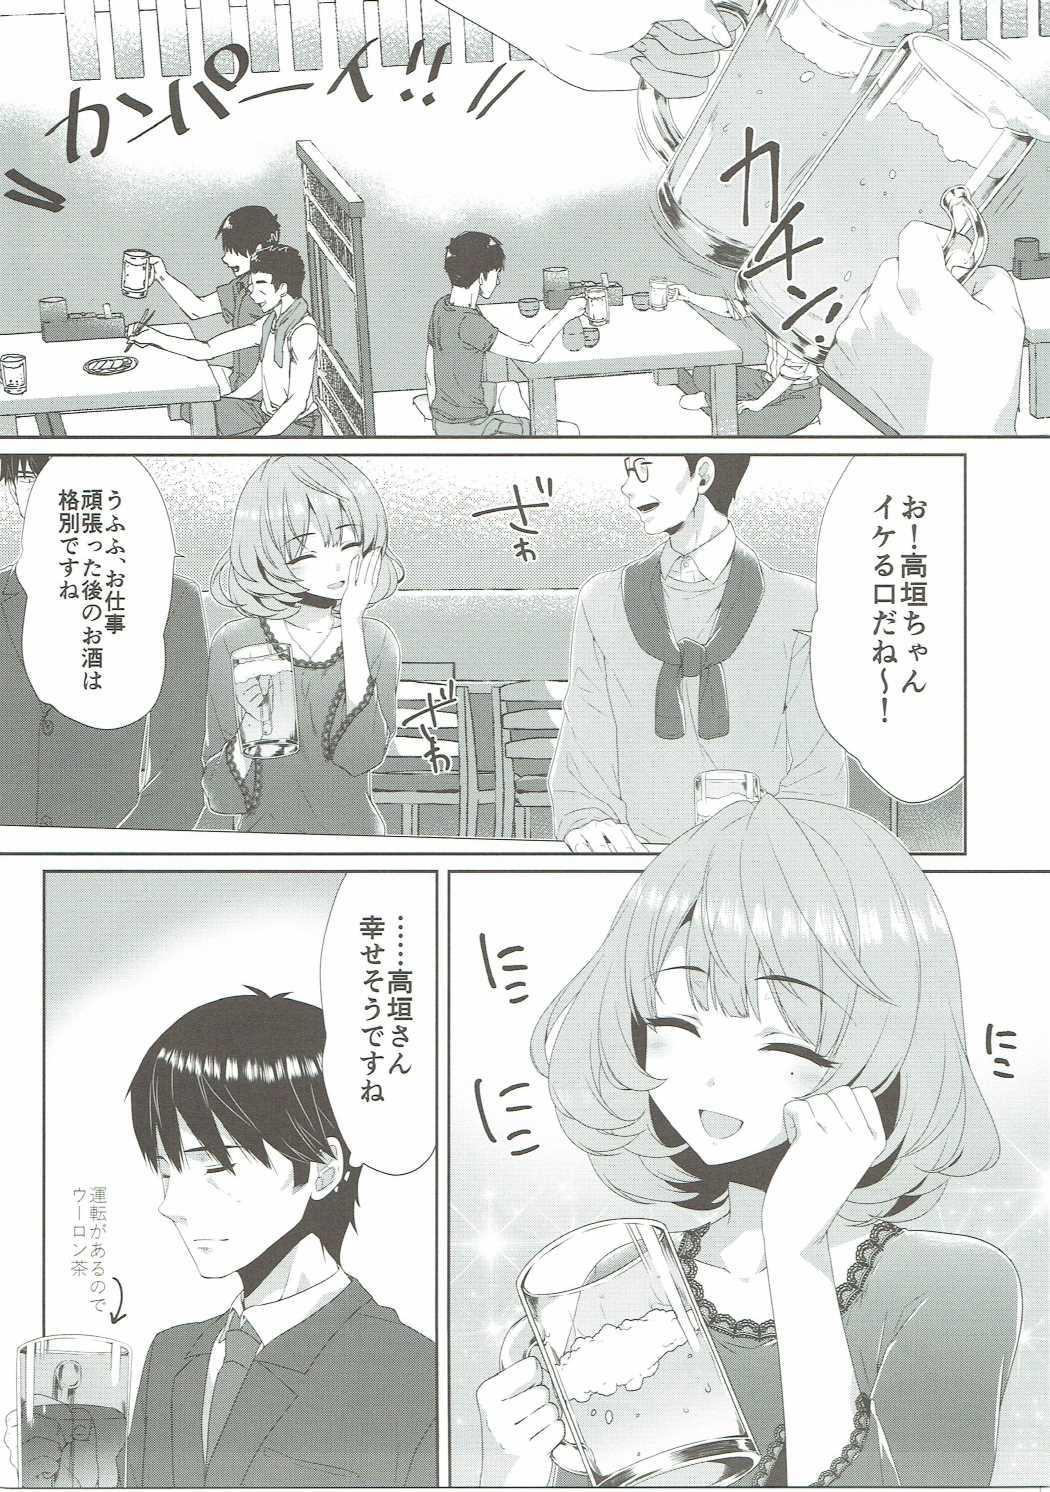 Koi no Kaze ni Sasowarete 5